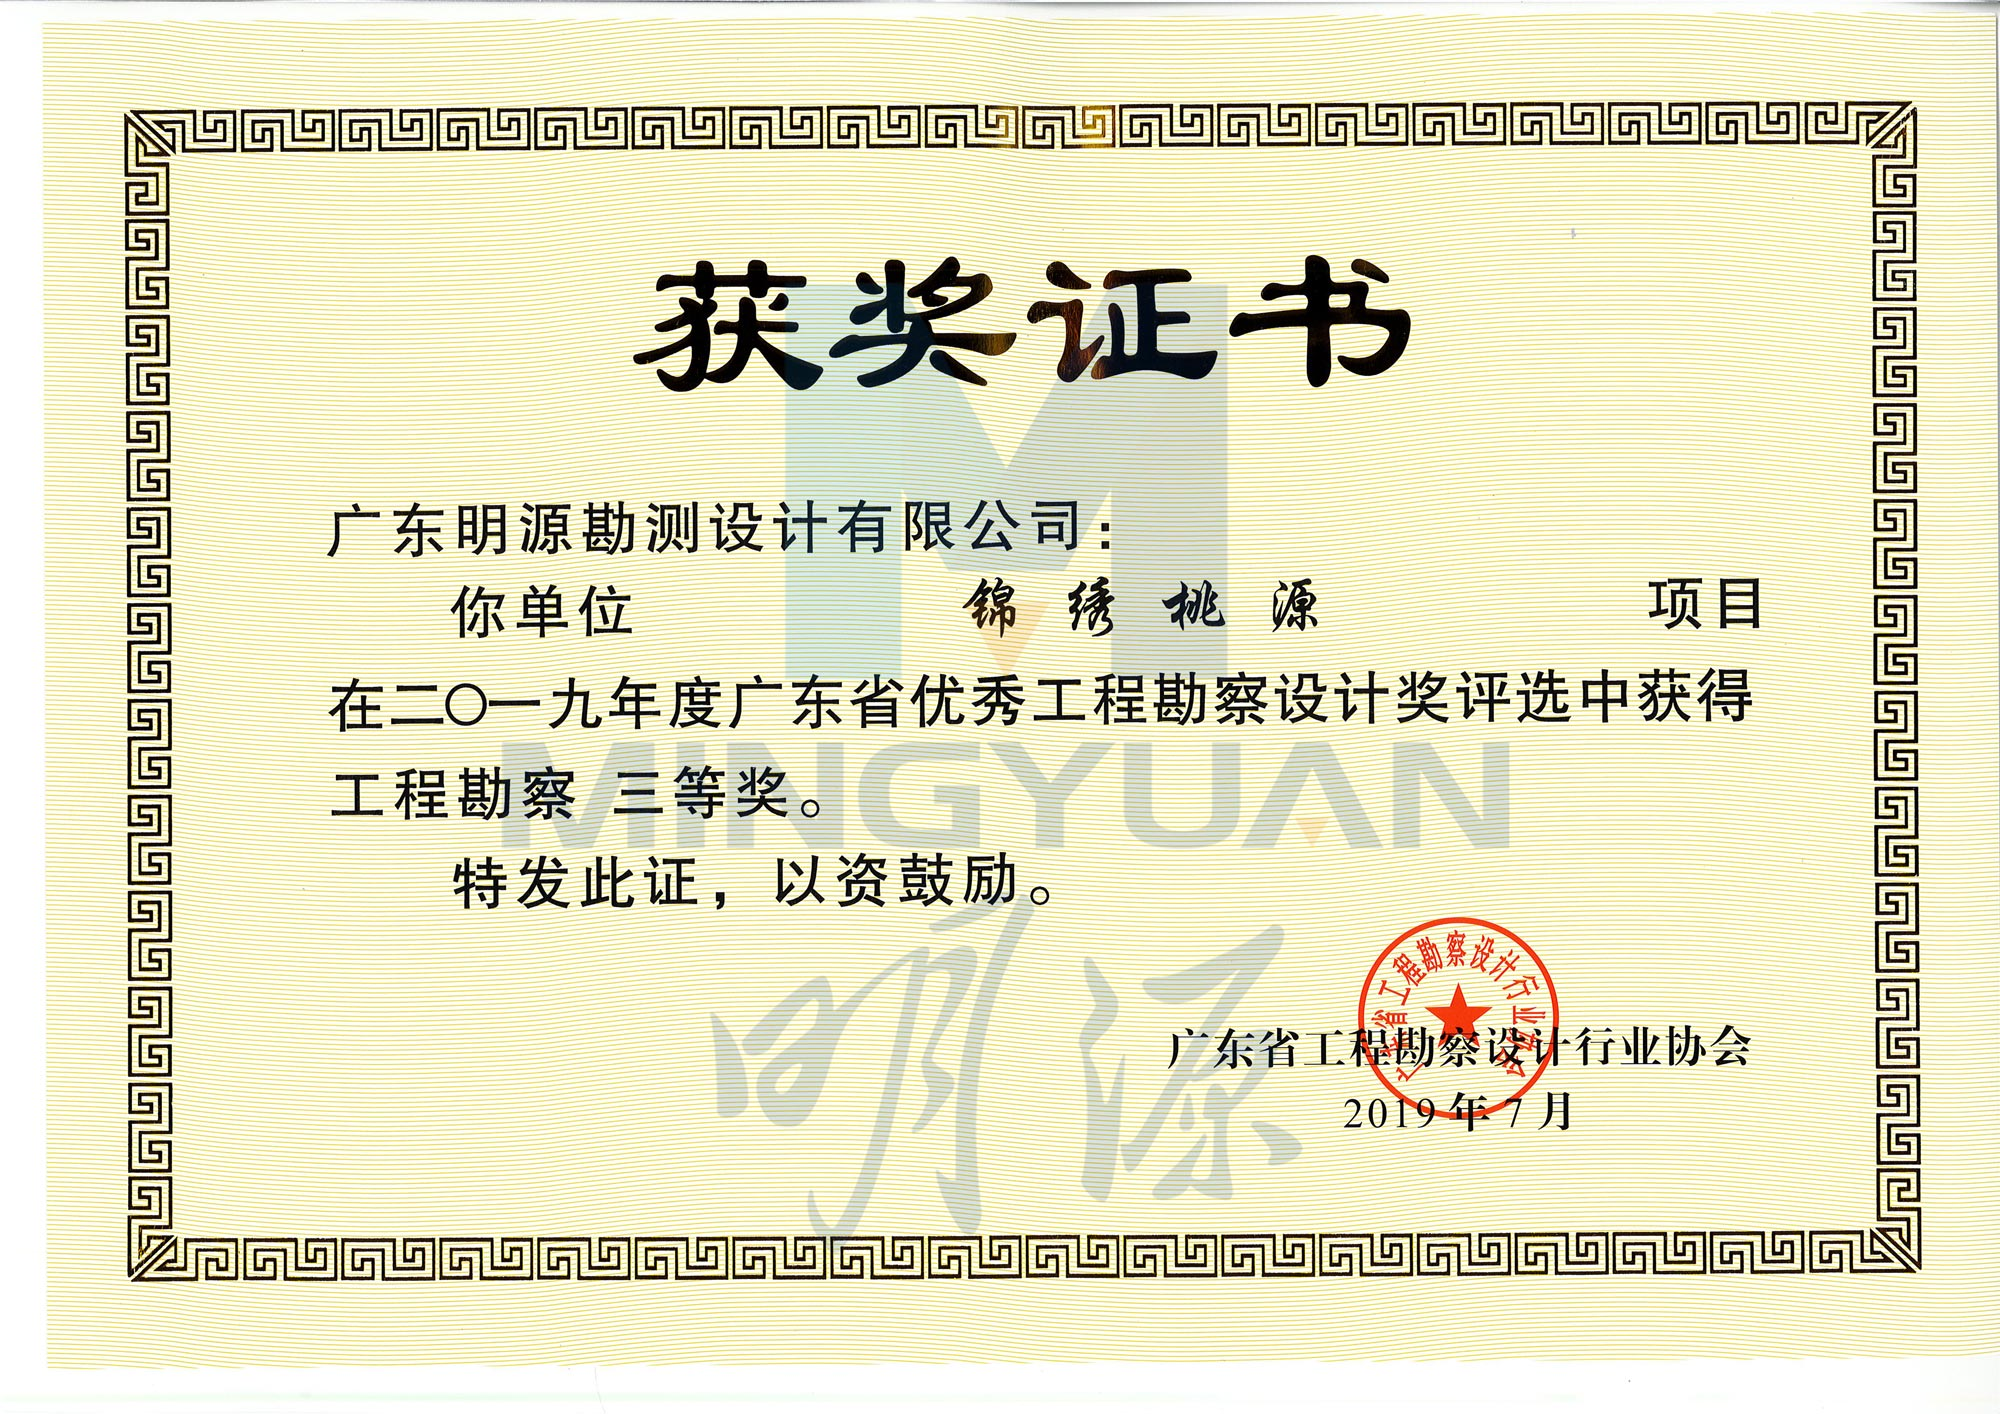 廣東省優秀工程勘察設計三等獎